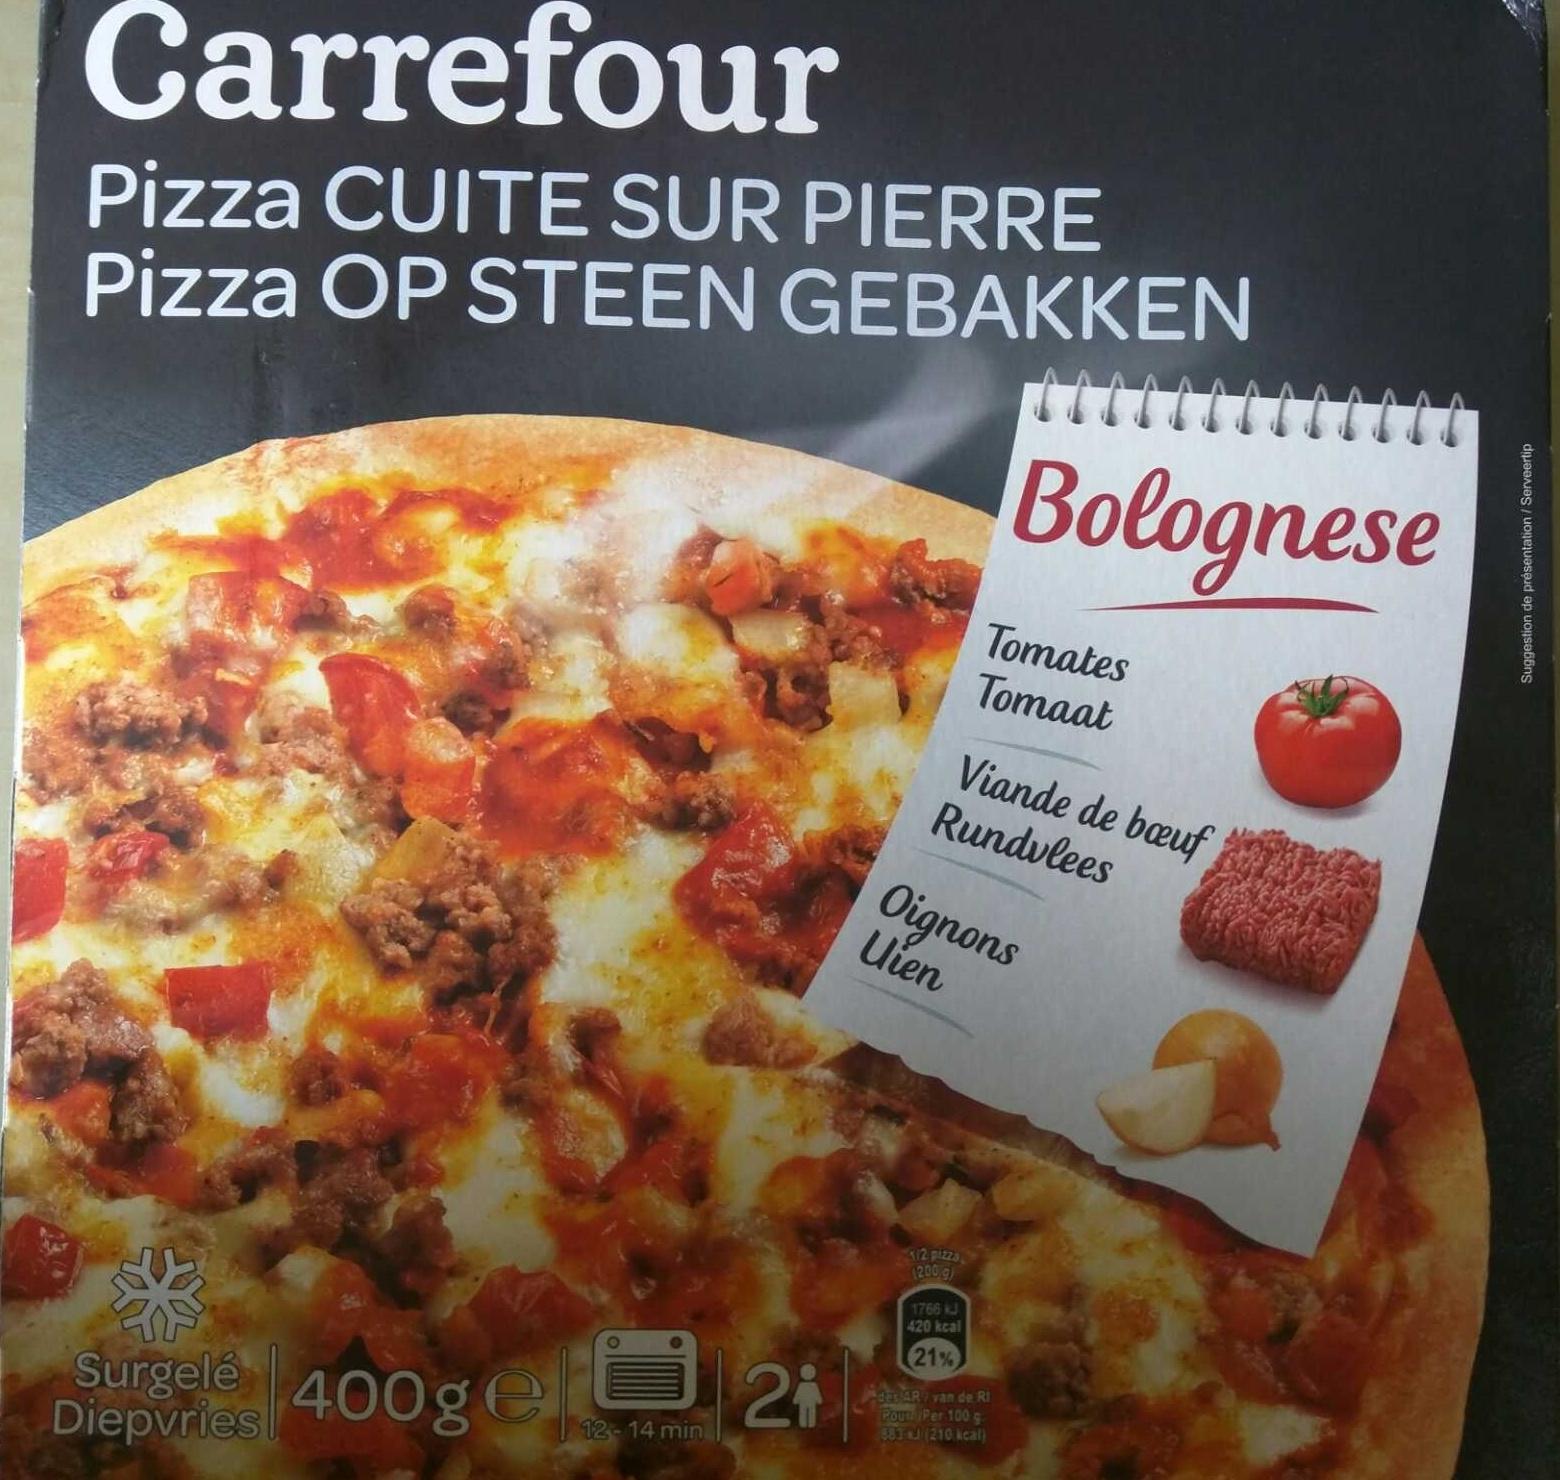 pizza cuite sur pierre bolognese carrefour 400 g. Black Bedroom Furniture Sets. Home Design Ideas